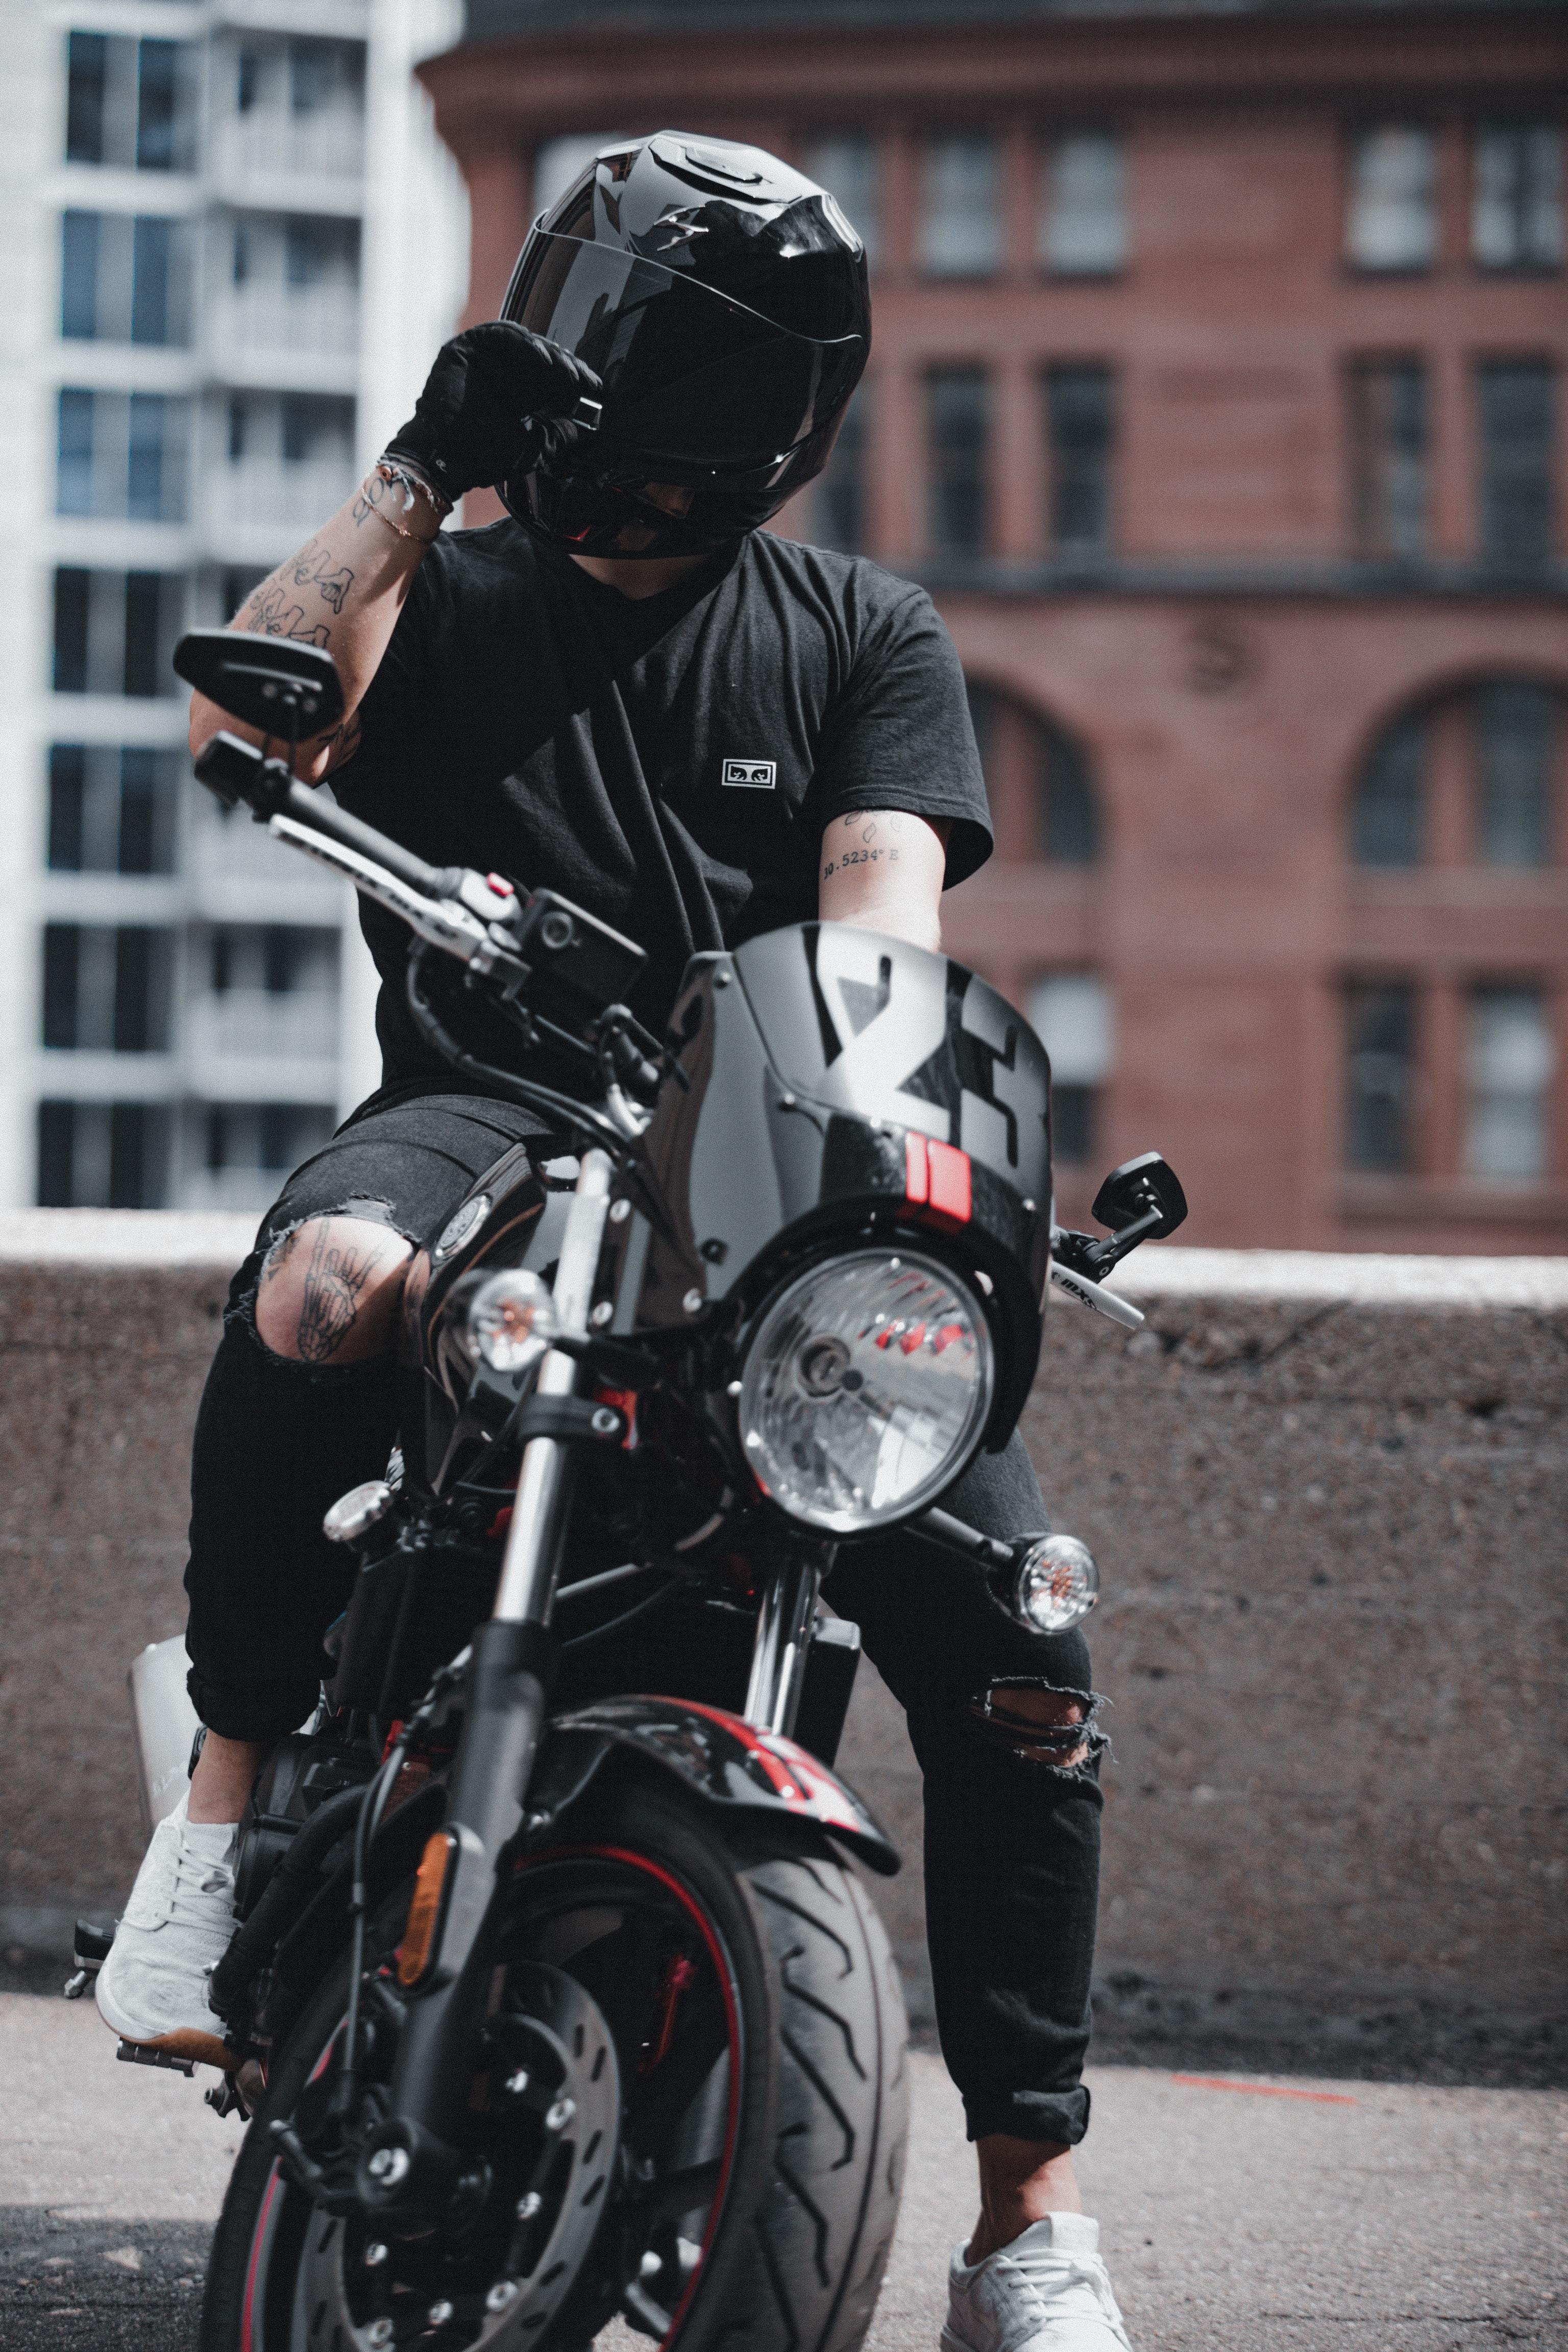 107631 Заставки и Обои Мотоциклы на телефон. Скачать Мотоциклы, Байк, Мотоциклист, Вид Спереди, Шлем, Мотоцикл картинки бесплатно